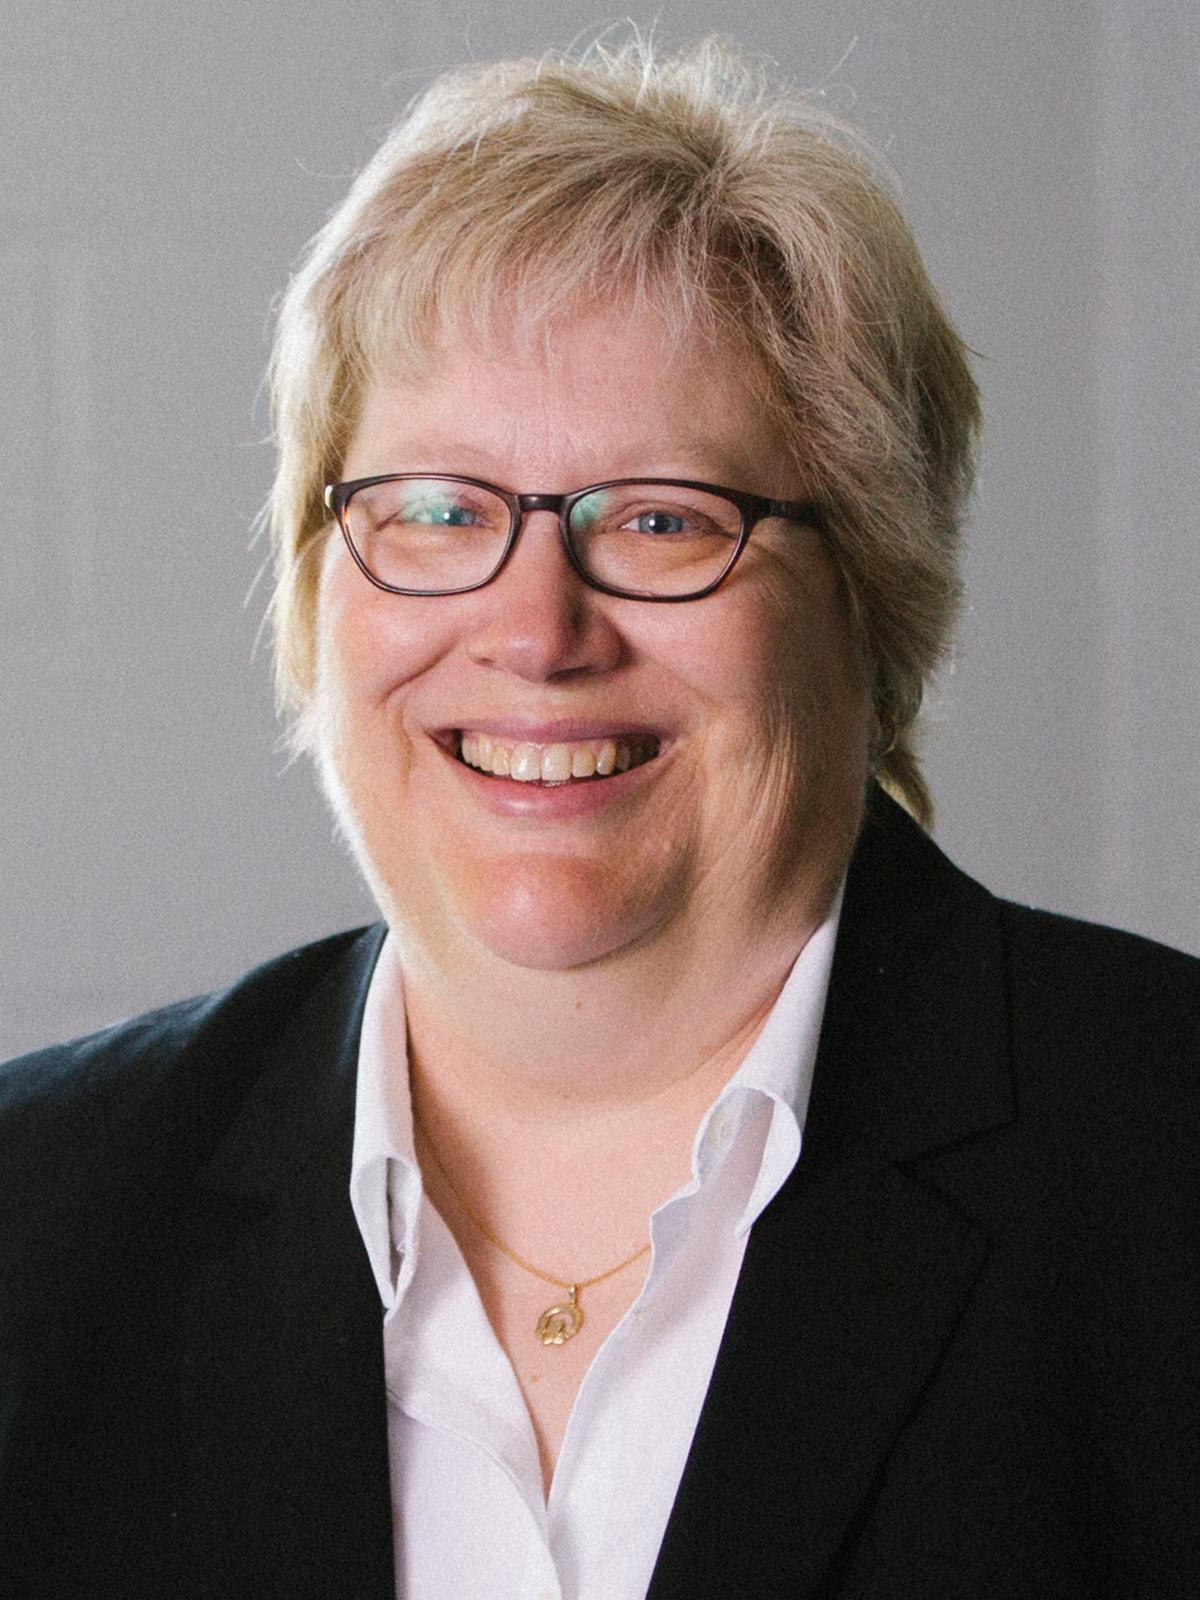 Janice Anderson portrait image